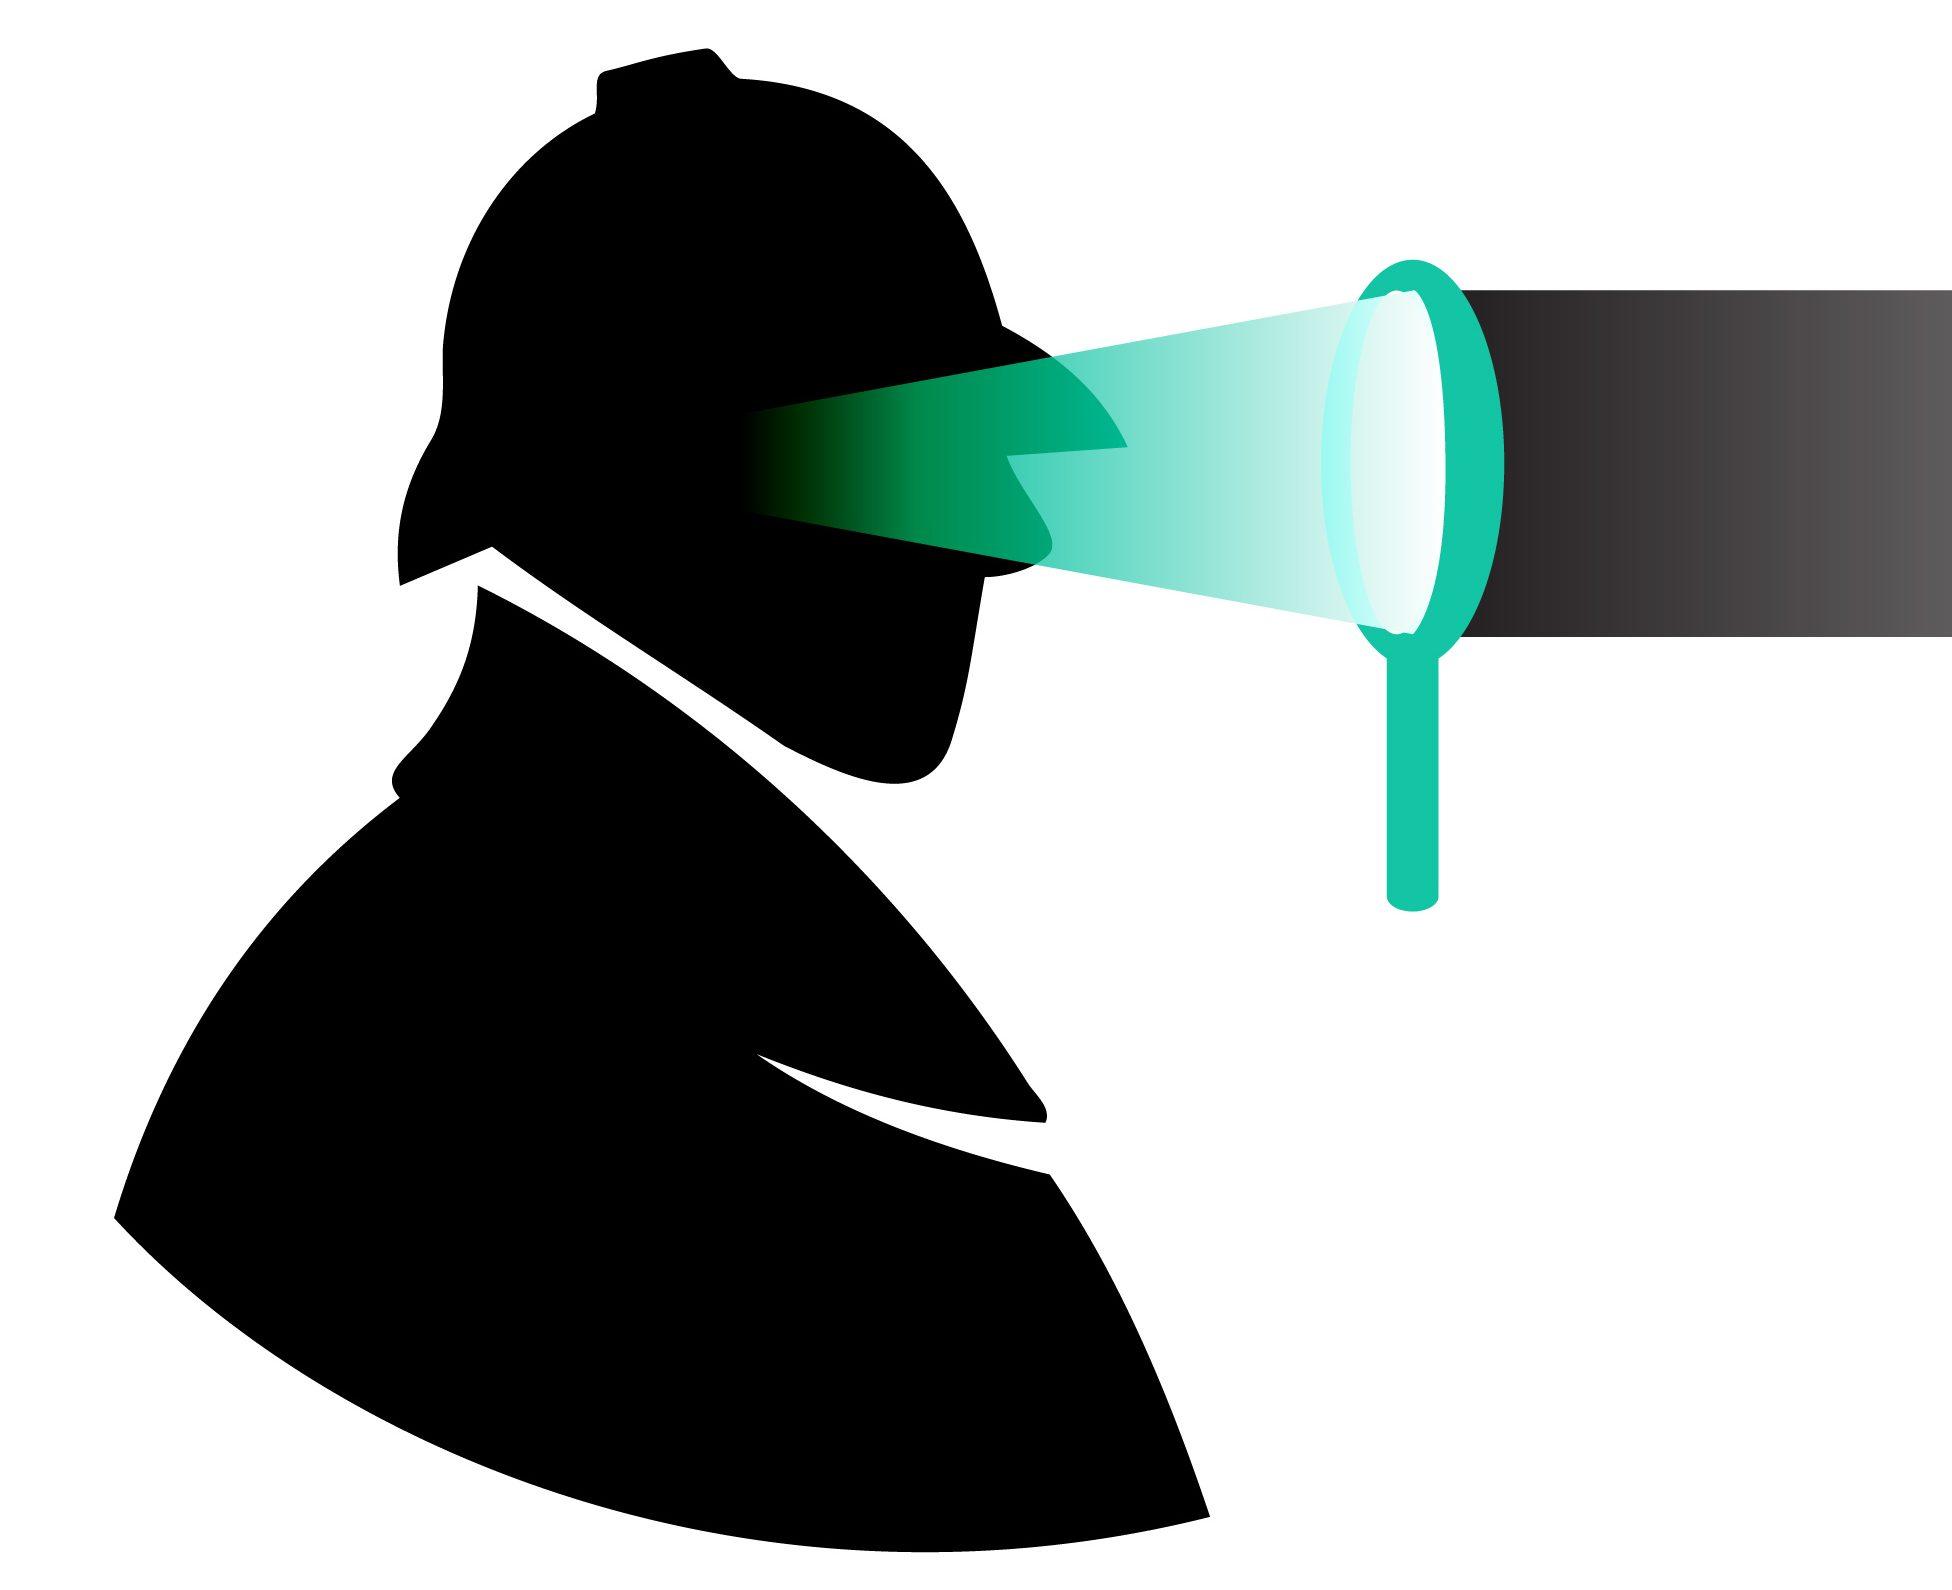 Penser critique | Une boîte à outils pour trier le vrai du faux et résister aux tentatives de manipulation